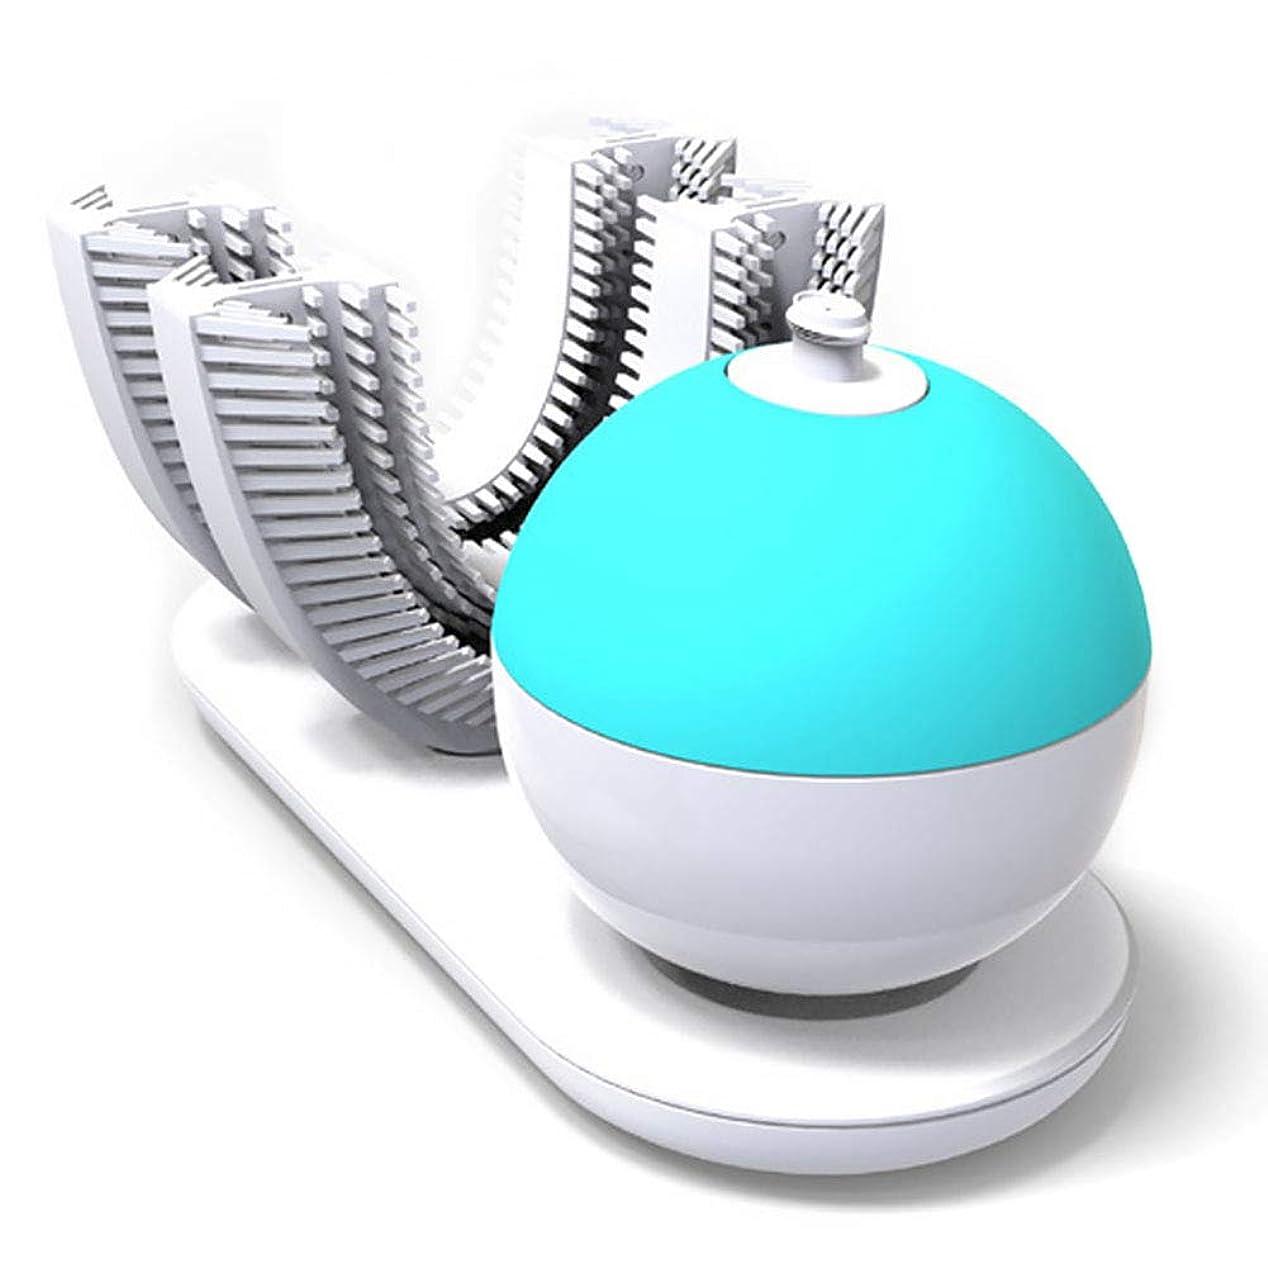 なめる疑問を超えてまともなフルオートマチック可変周波数電動歯ブラシ、自動360度U字型電動歯ブラシ、ワイヤレス充電IPX7防水自動歯ブラシ(大人用)